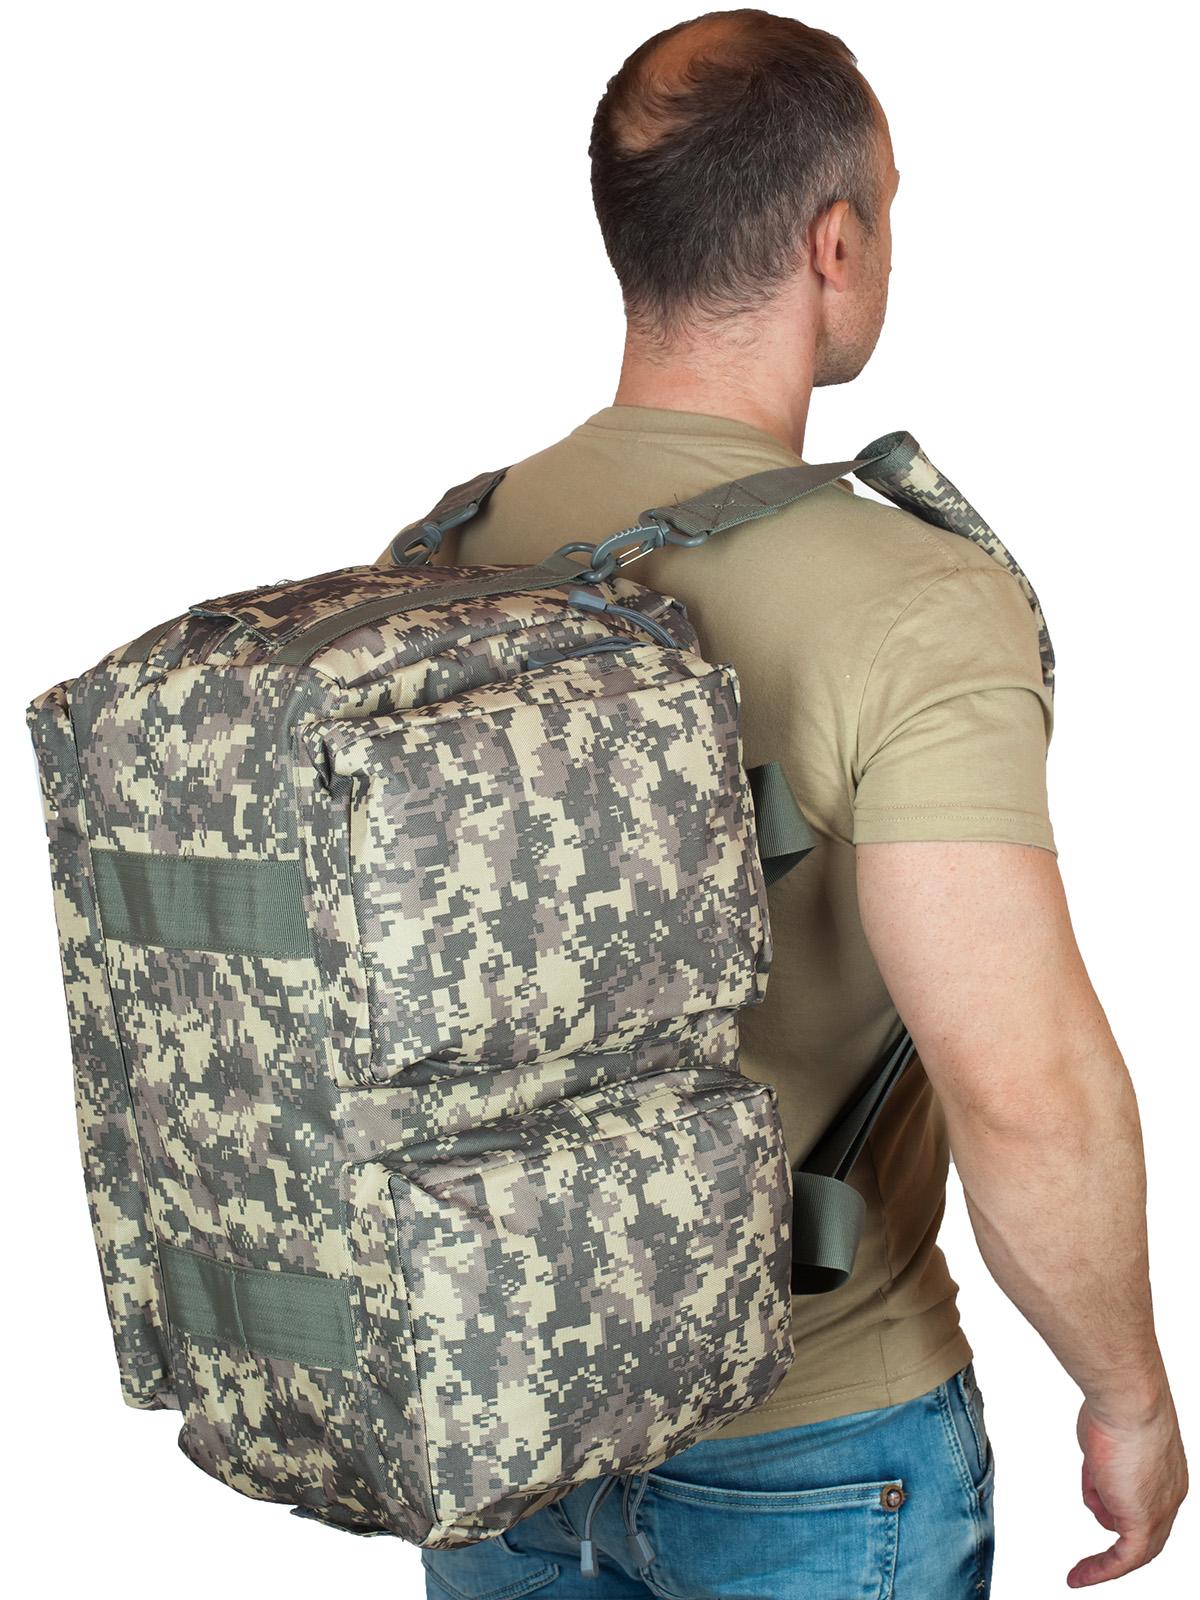 Тактическая камуфляжная сумка-рюкзак с нашивкой ДПС - купить выгодно